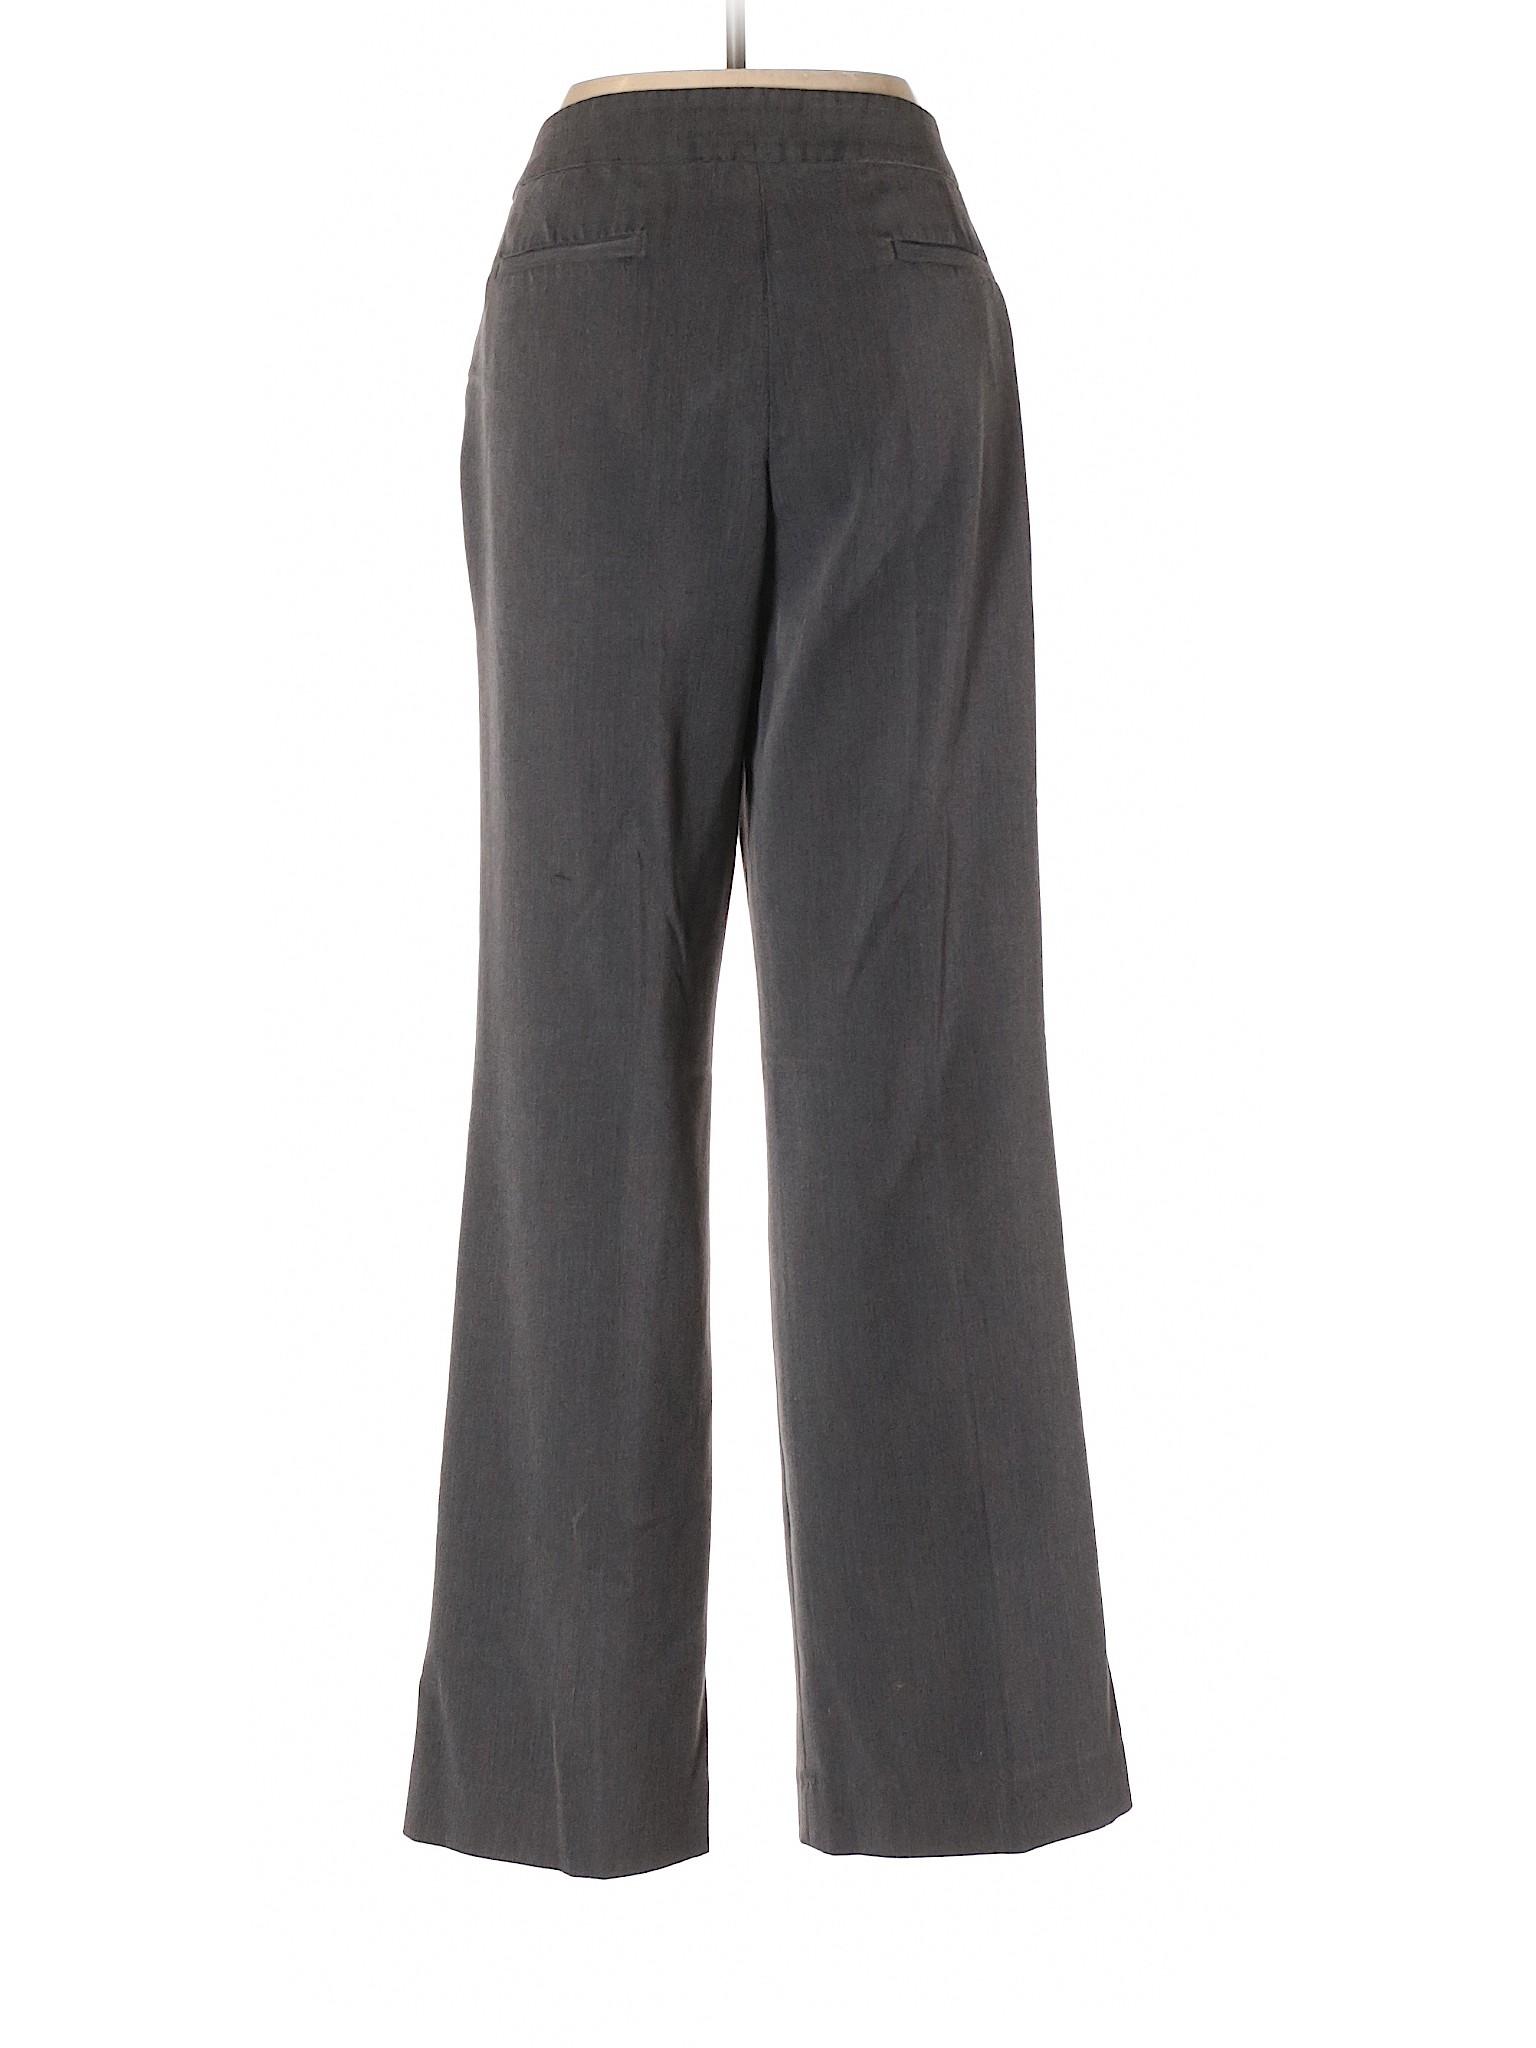 leisure Klein Dress Anne Boutique AK Pants dUTx6